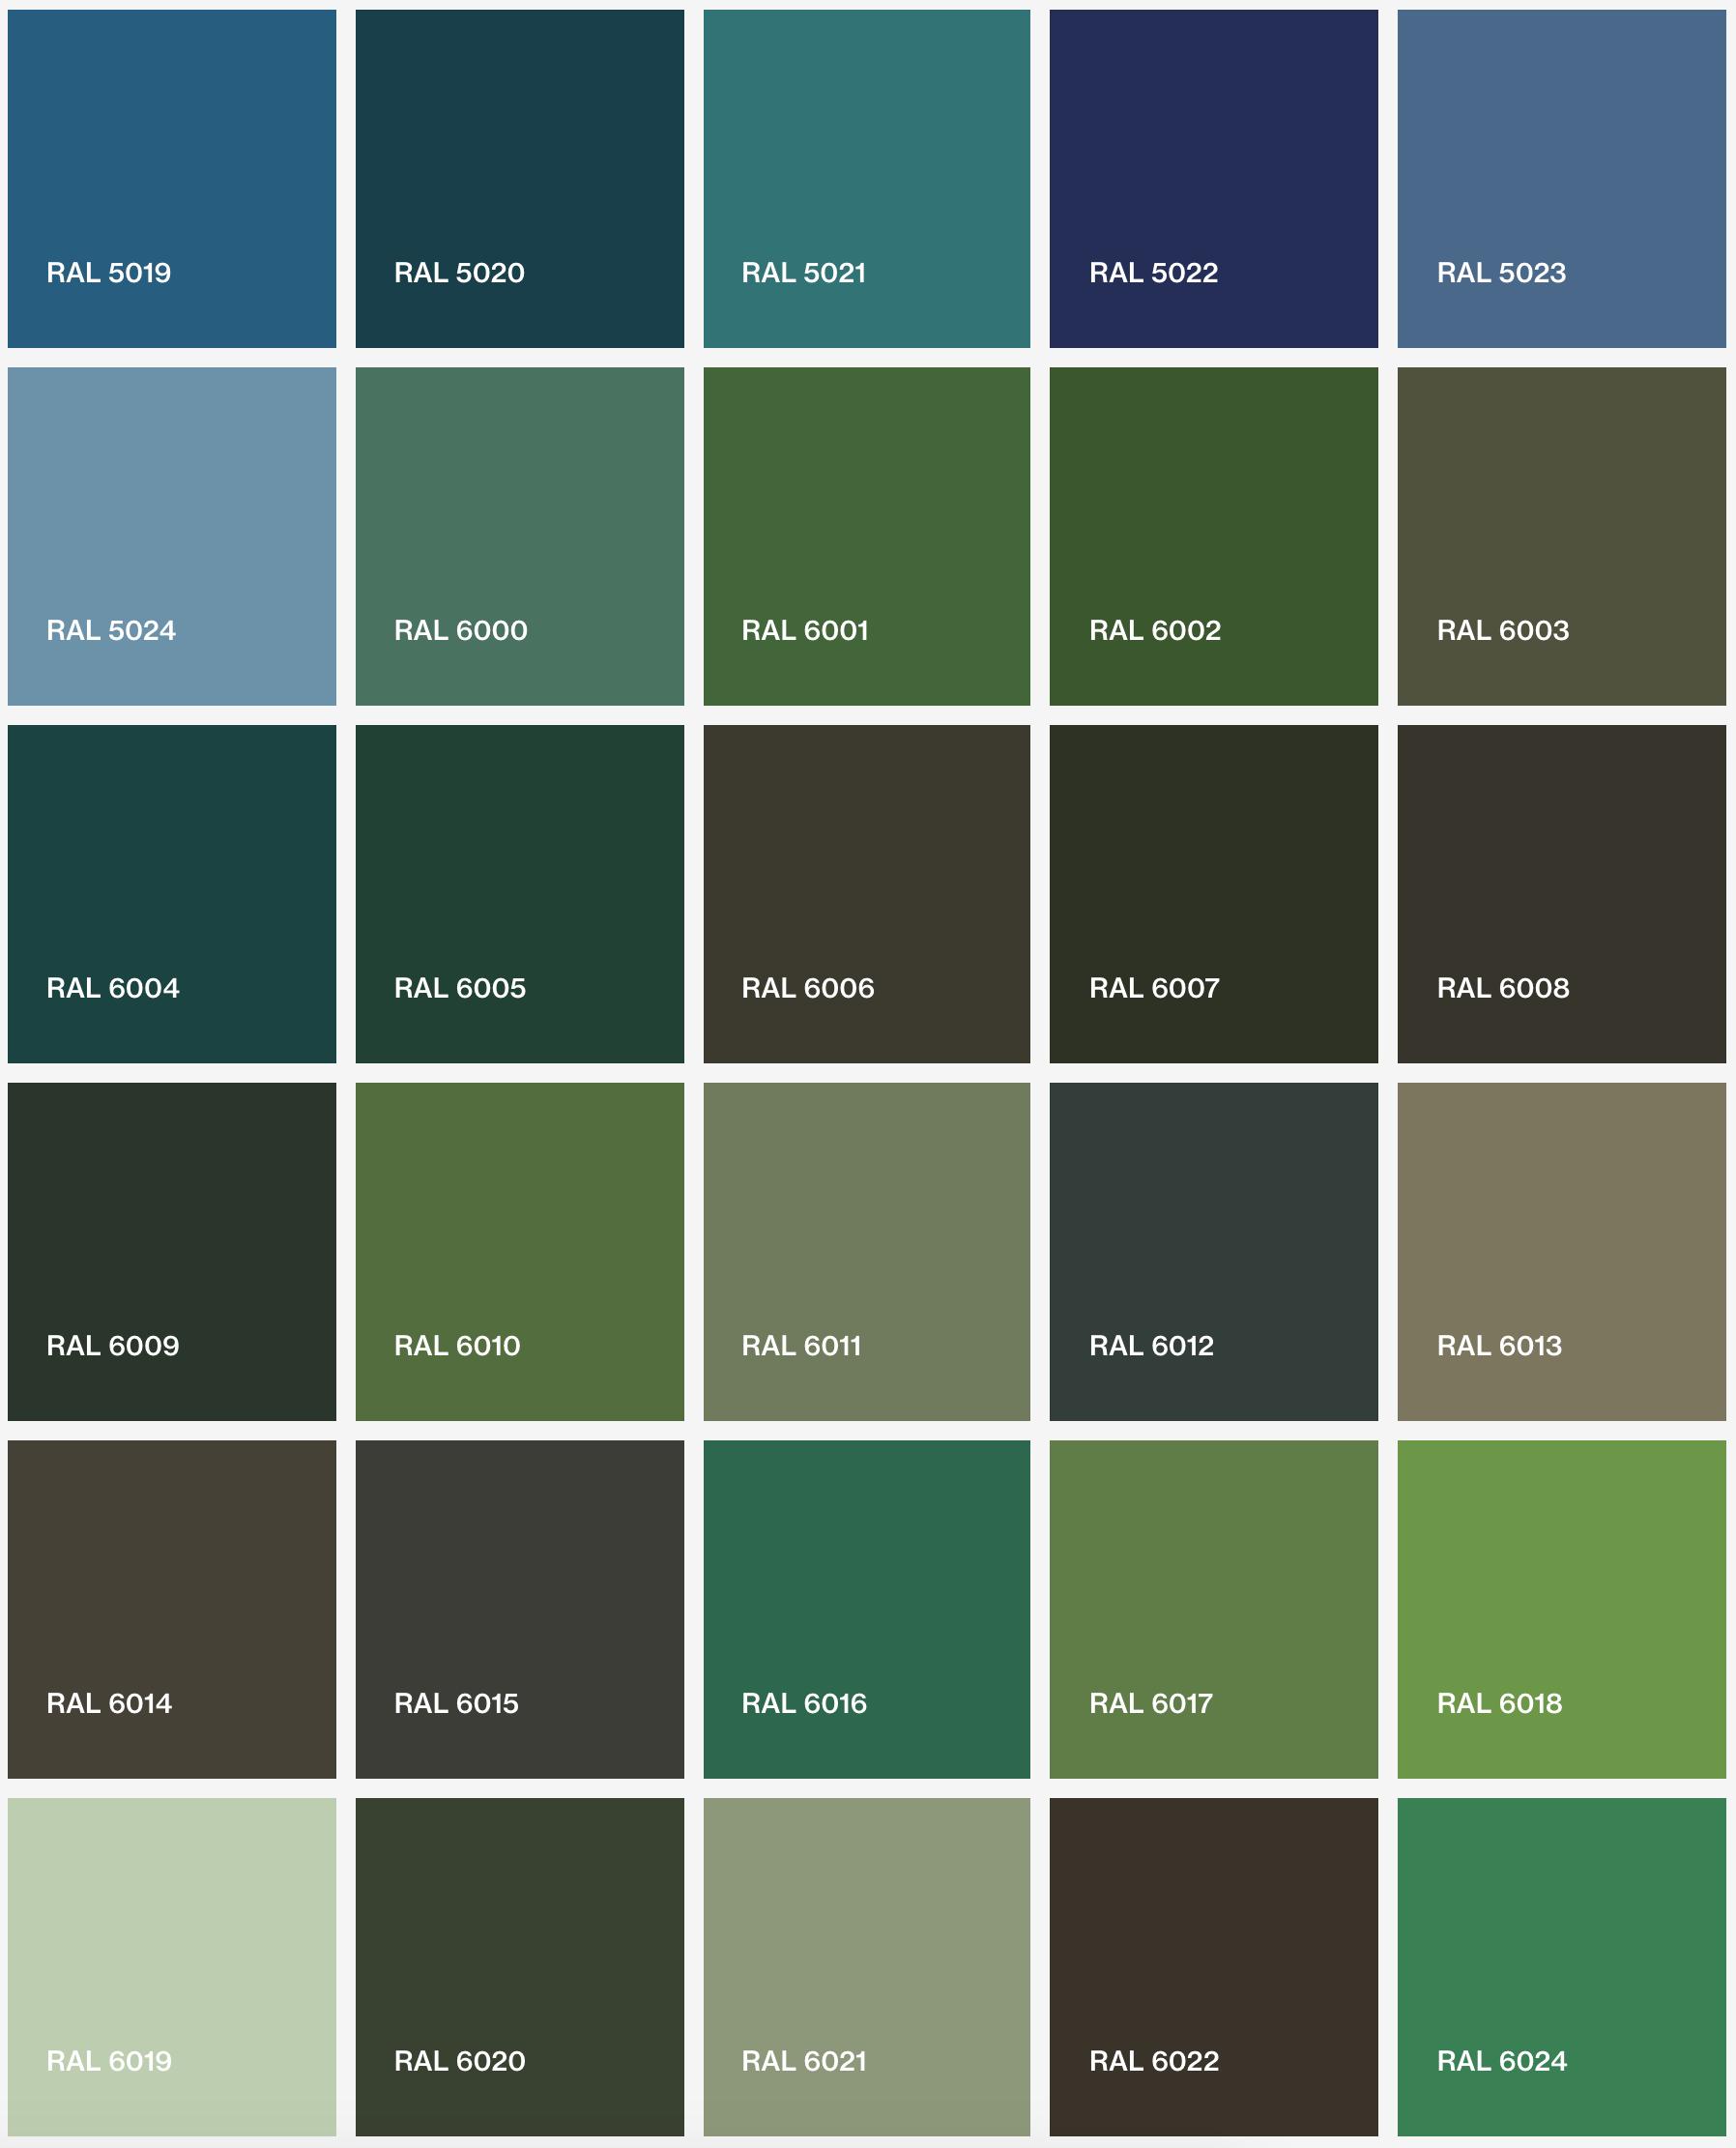 ral farver RAL FARVER   DESIGN KONTORMØBLER MORE OFFICE DESIGN / FURN BY OX  ral farver